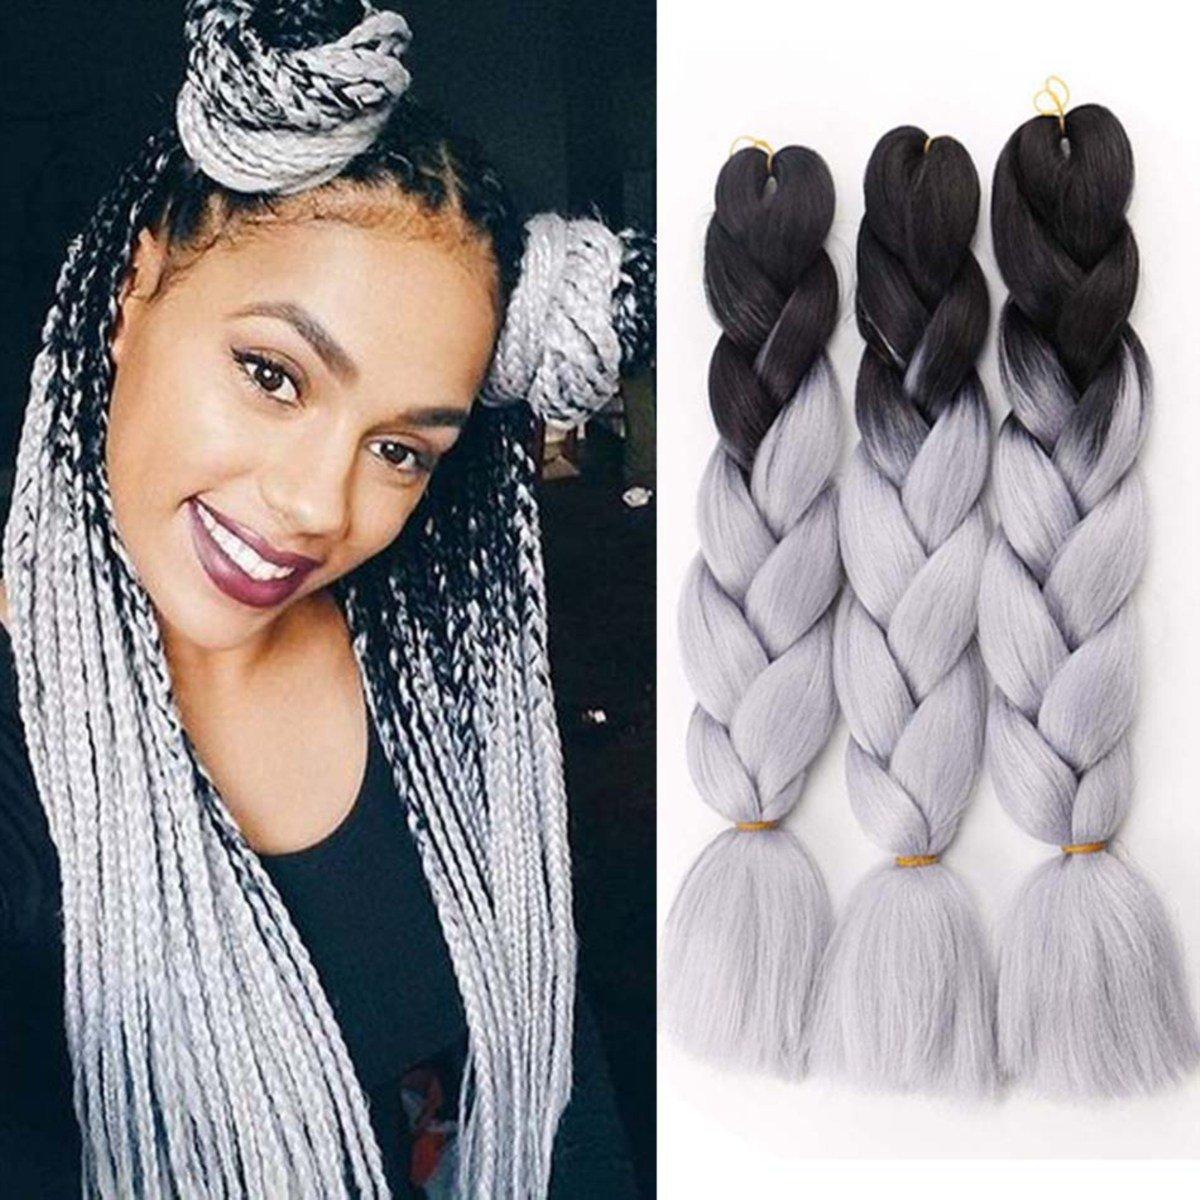 Jumbo Braiding Hair extensions colorato per capelli Kanekalon sintetica DIY crochet trecce box ombre 2TONE nero-argento grigio pezzi 100g/pz 61cm Wellmi